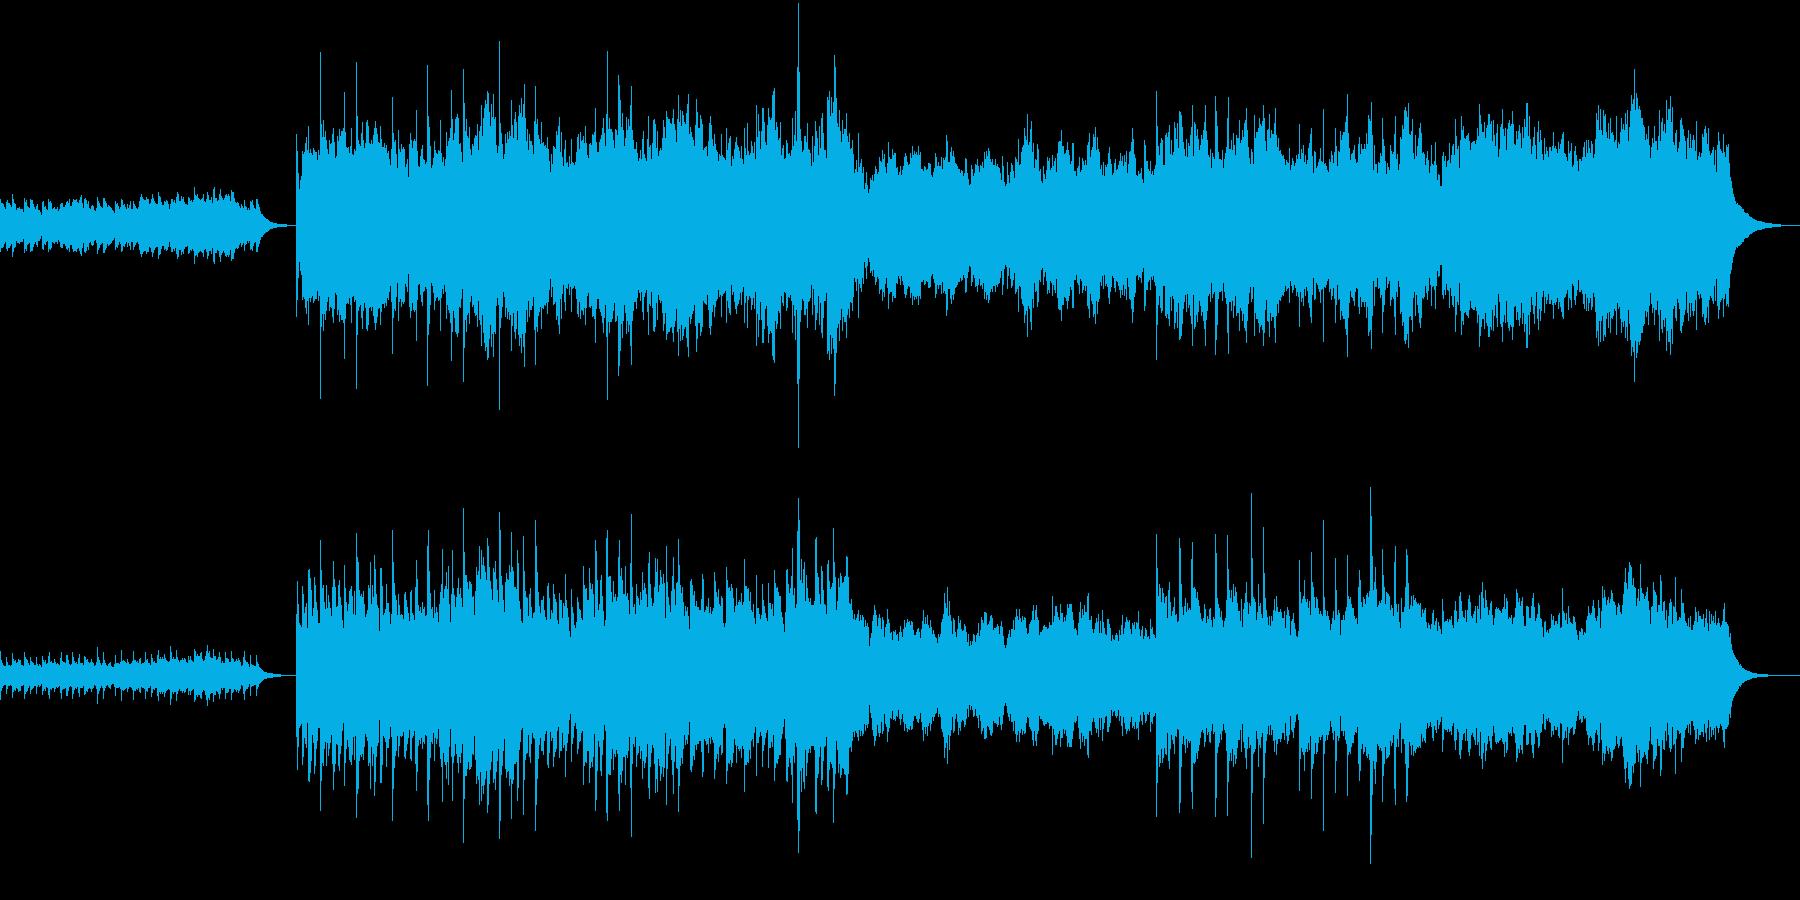 ダークファンタジーのような悲しい曲の再生済みの波形